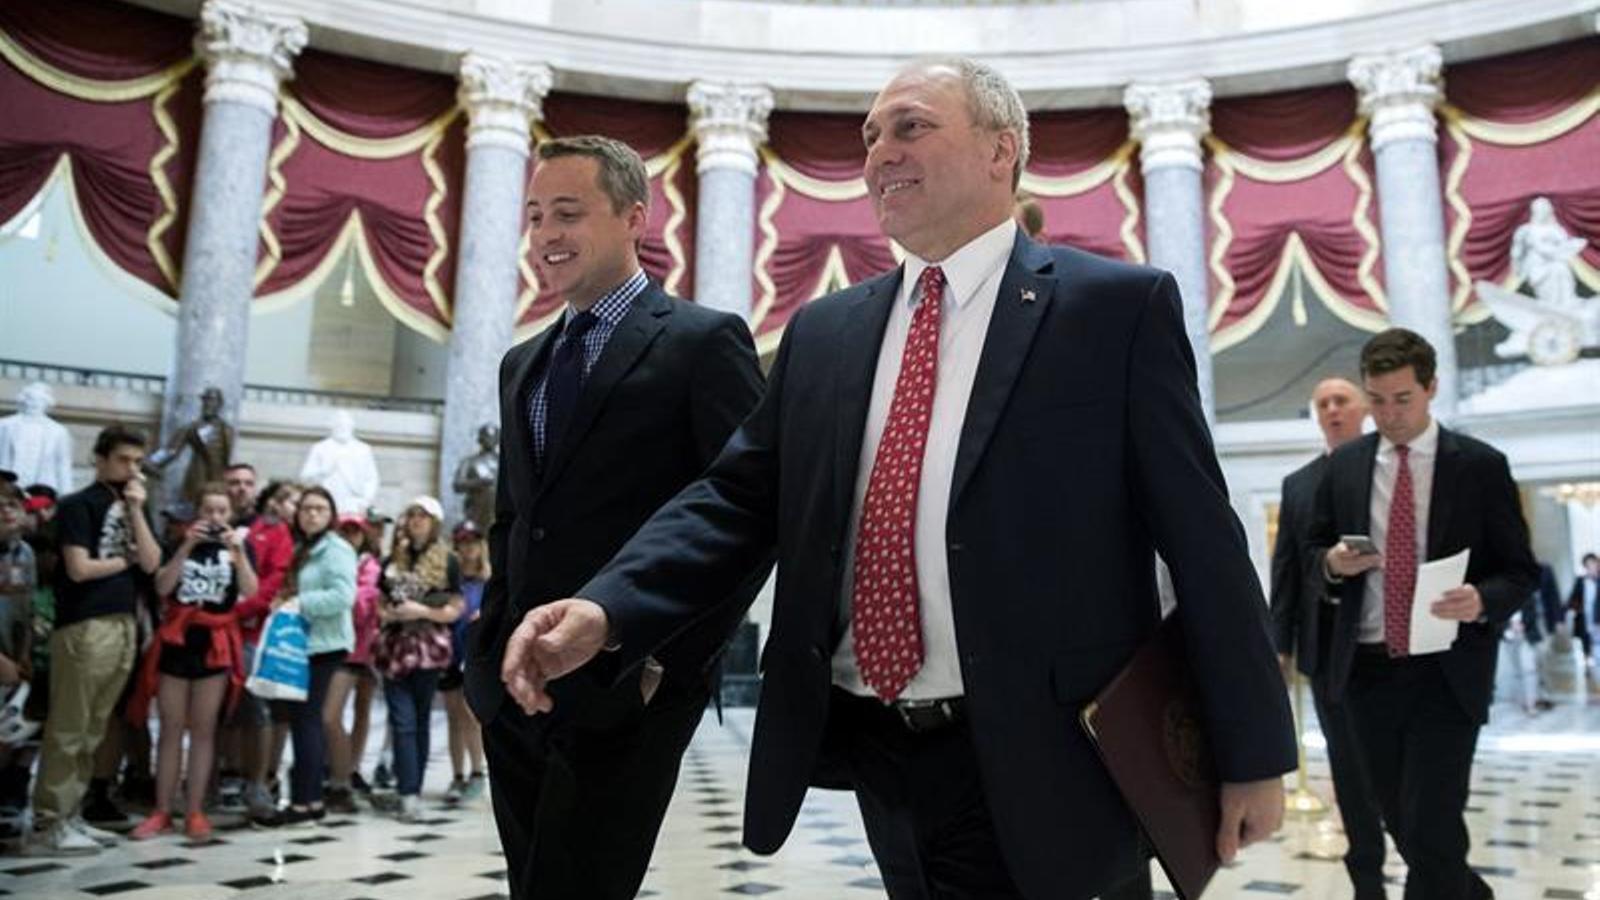 El congressista republicà Steve Scalise  travessa una sala del Capitoli, a Washington, abans de la votació per derogar l'Obamacare a la Cambra de Representants dels Estats Units